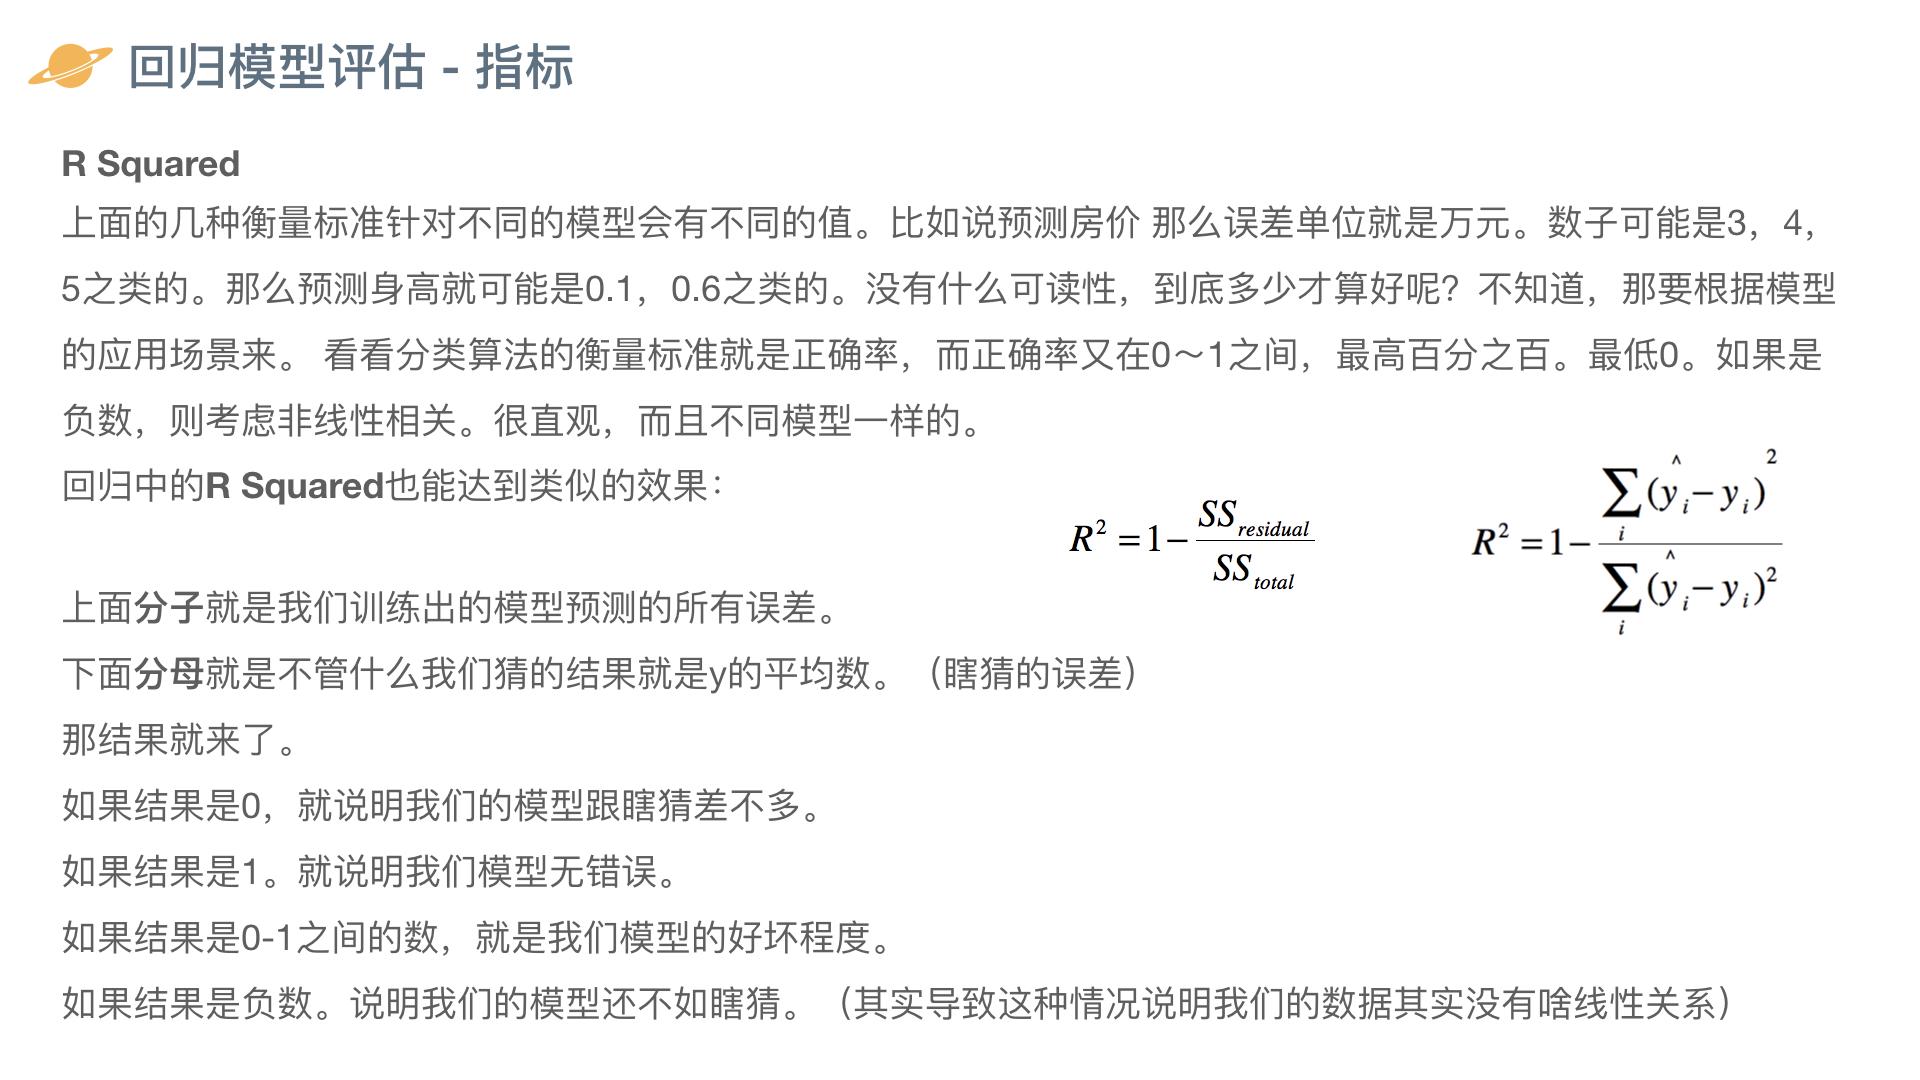 智子模型评估与输出.007.jpeg